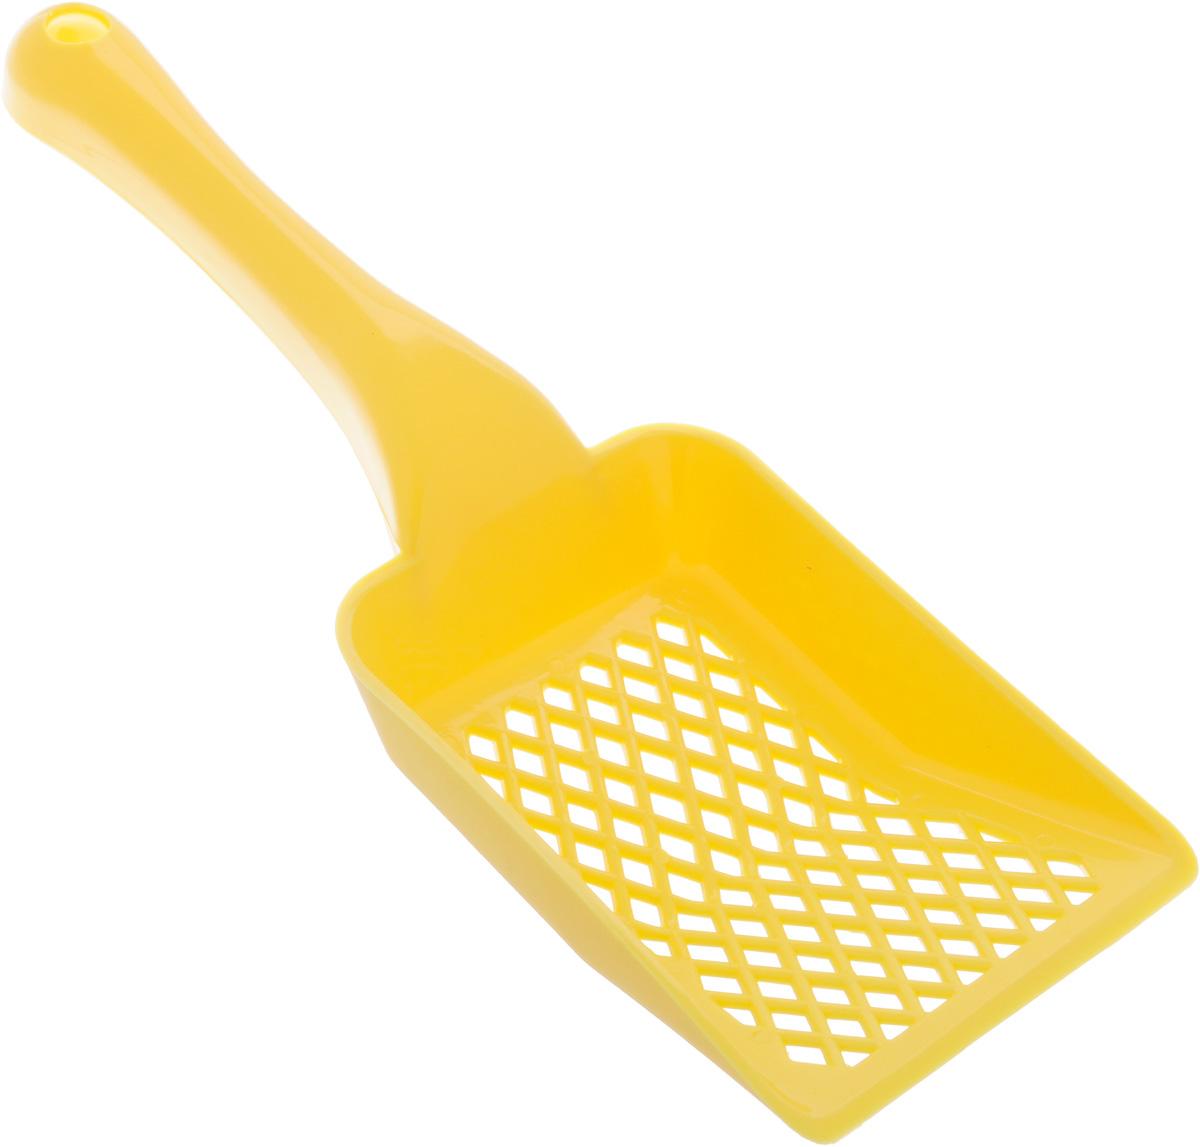 Совок для кошачьего туалета Каскад, цвет: желтый, длина 27 см46304050_желтыйСовок для кошачьего туалета Каскад изготовлен из цветного пластика. Рабочая поверхность совка со специальными отверстиями позволяет эффективно просеивать наполнитель и удалять образовавшиеся комки. На ручке совка есть отверстие для подвешивания на стену. С помощью этого совка вы сможете быстро и качественно убрать кошачий туалет. Длина совка: 27 см. Размер рабочей поверхности: 9 х 13 х 2,5 см.